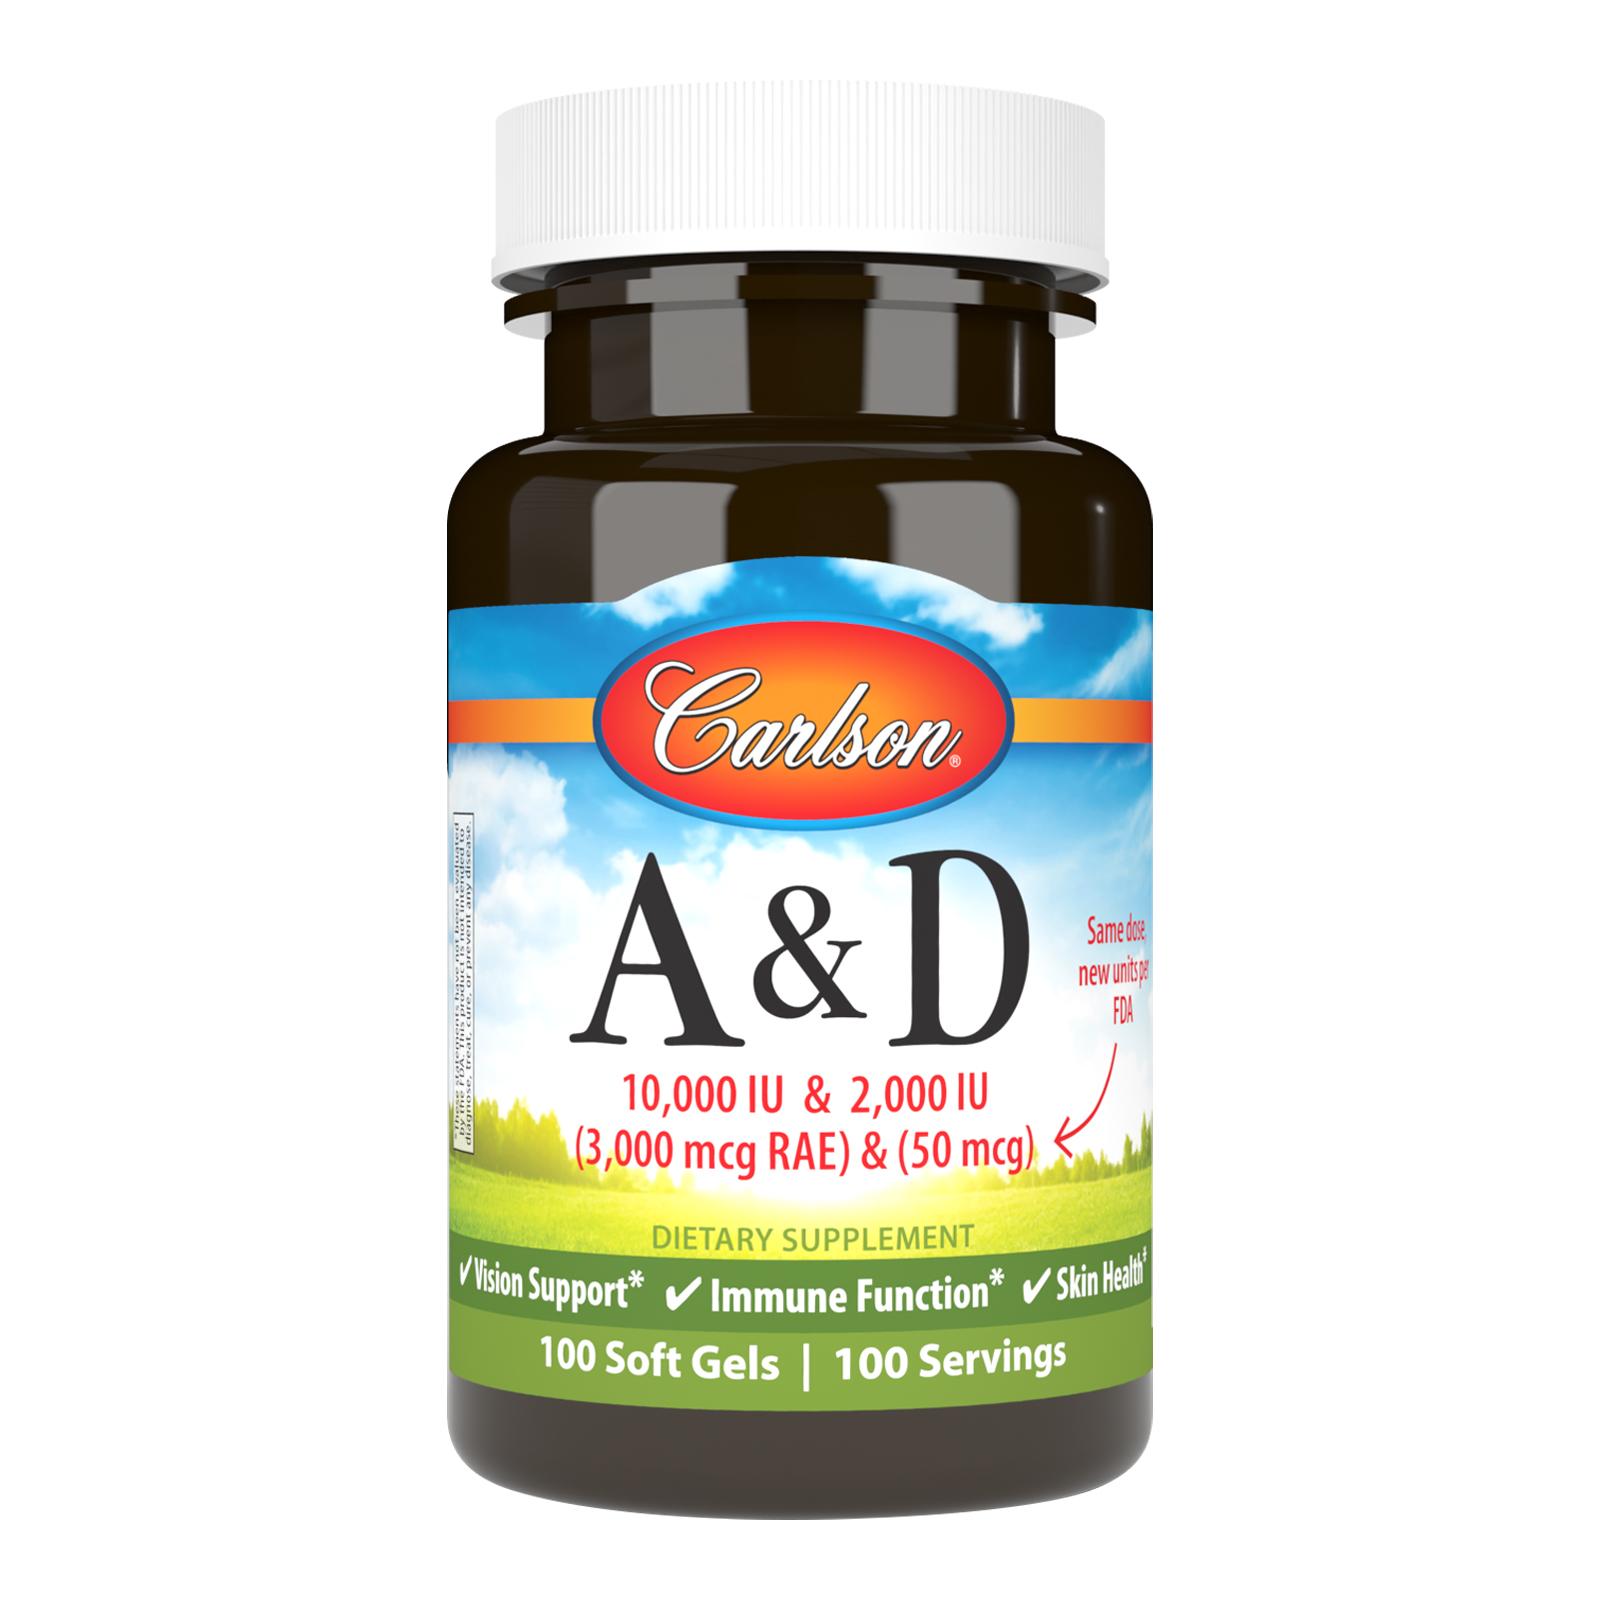 Vitamins A & D 10,000 IU + 2,000 IU